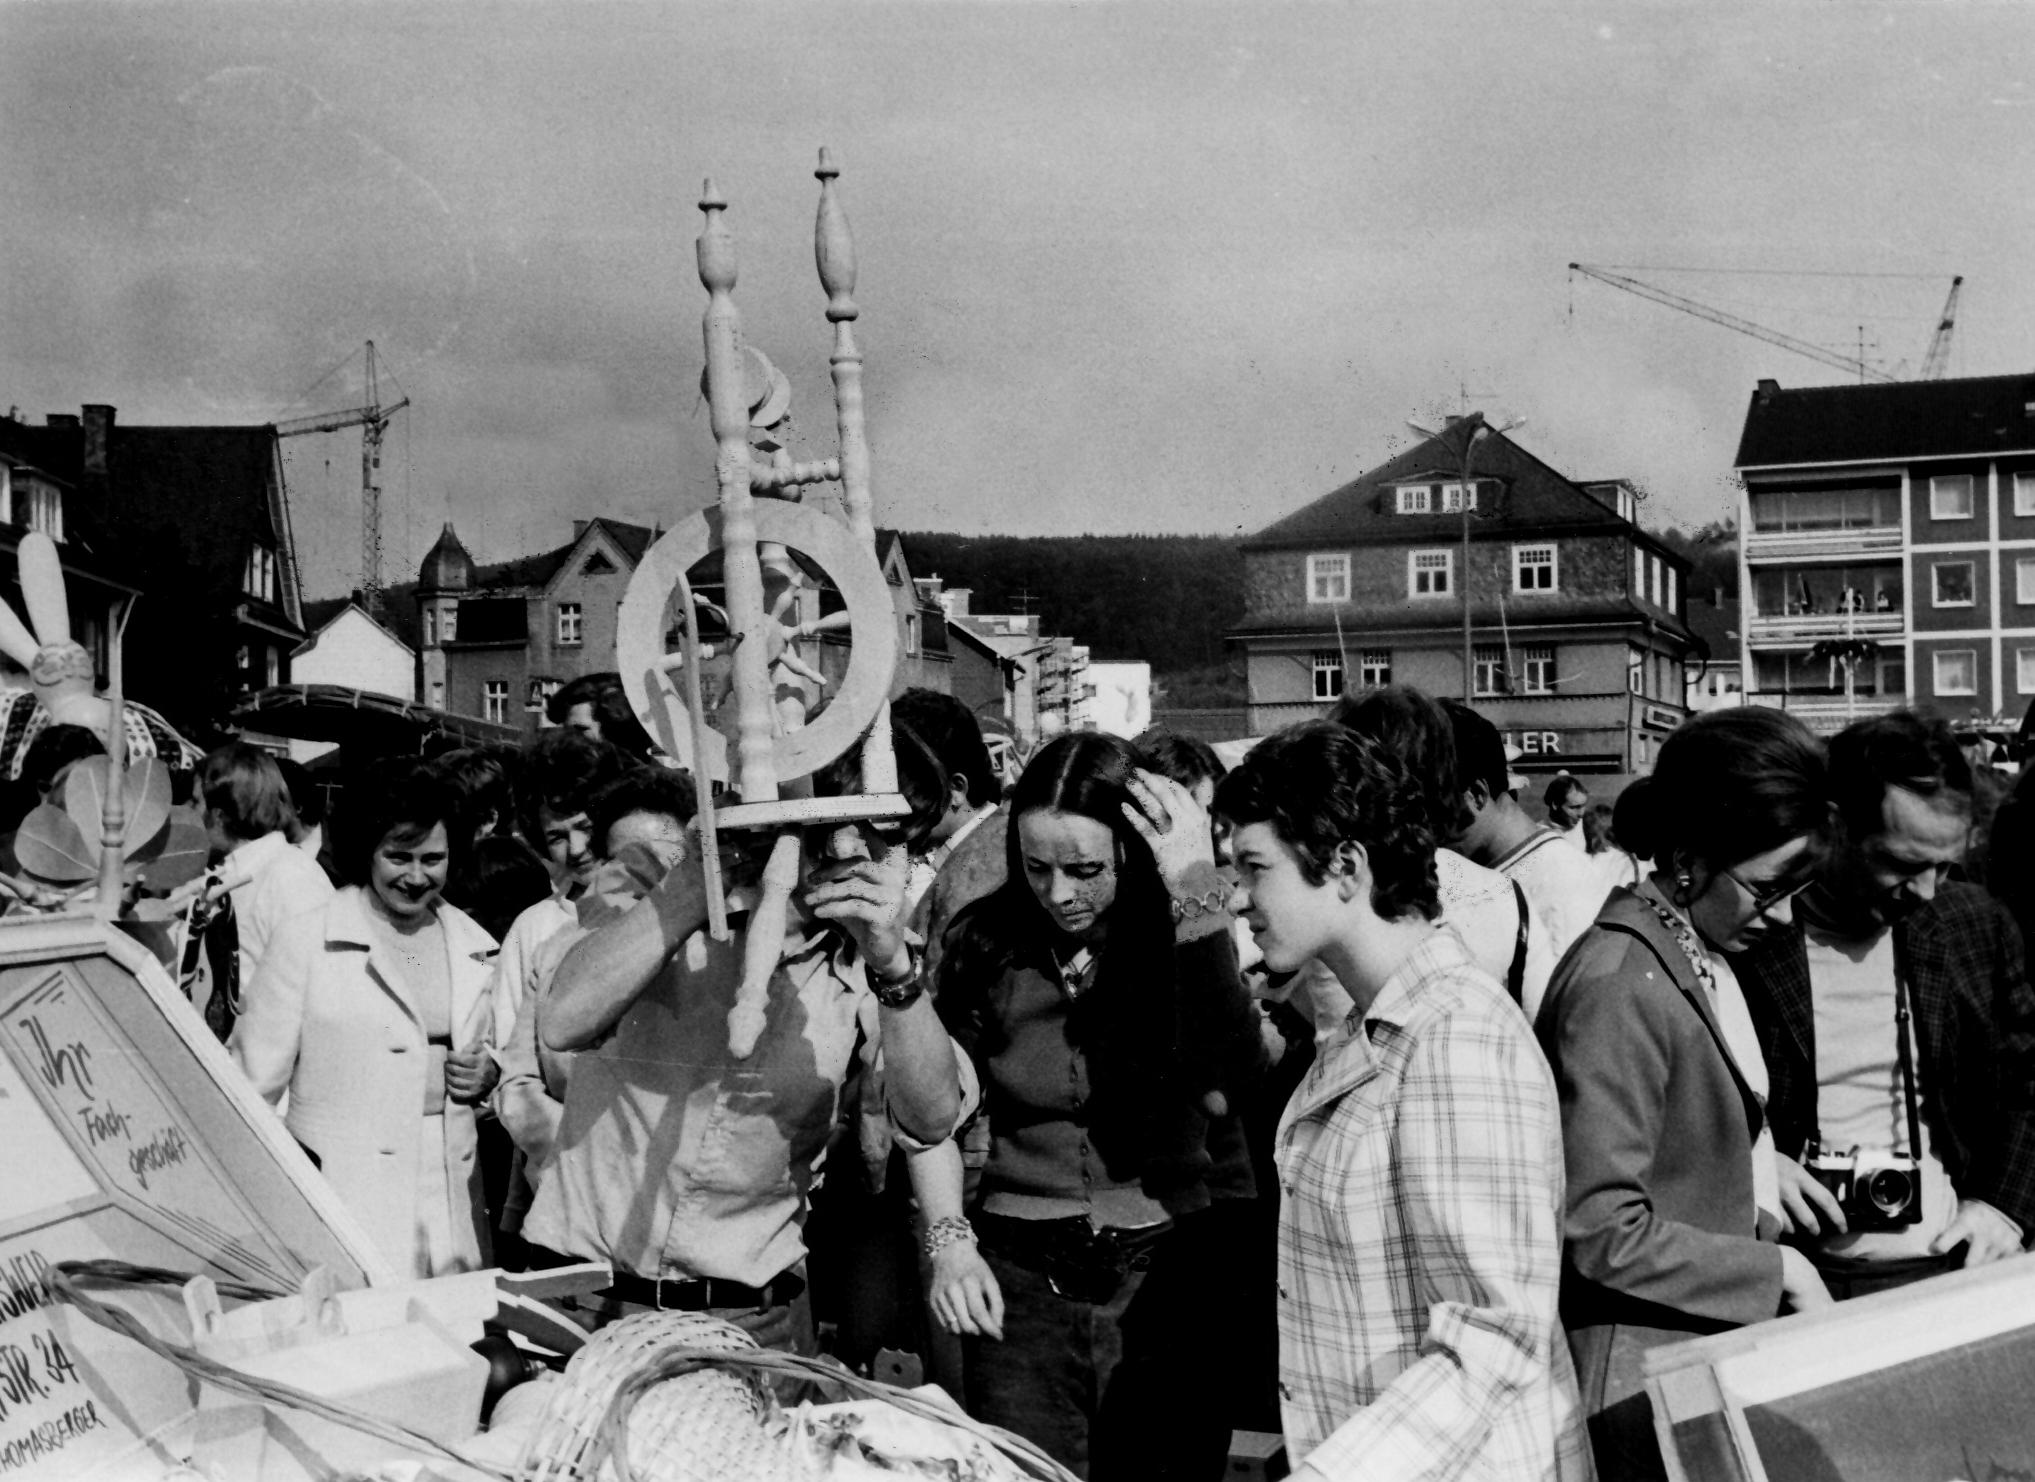 Scharz-Weiß-Bild aus dem Jahr 1972. Mehrere Menschen stehen vor einem Stand auf dem Flohmarkt in Geisweid. Eine Dame hält ein Spinnrad in die Höhe